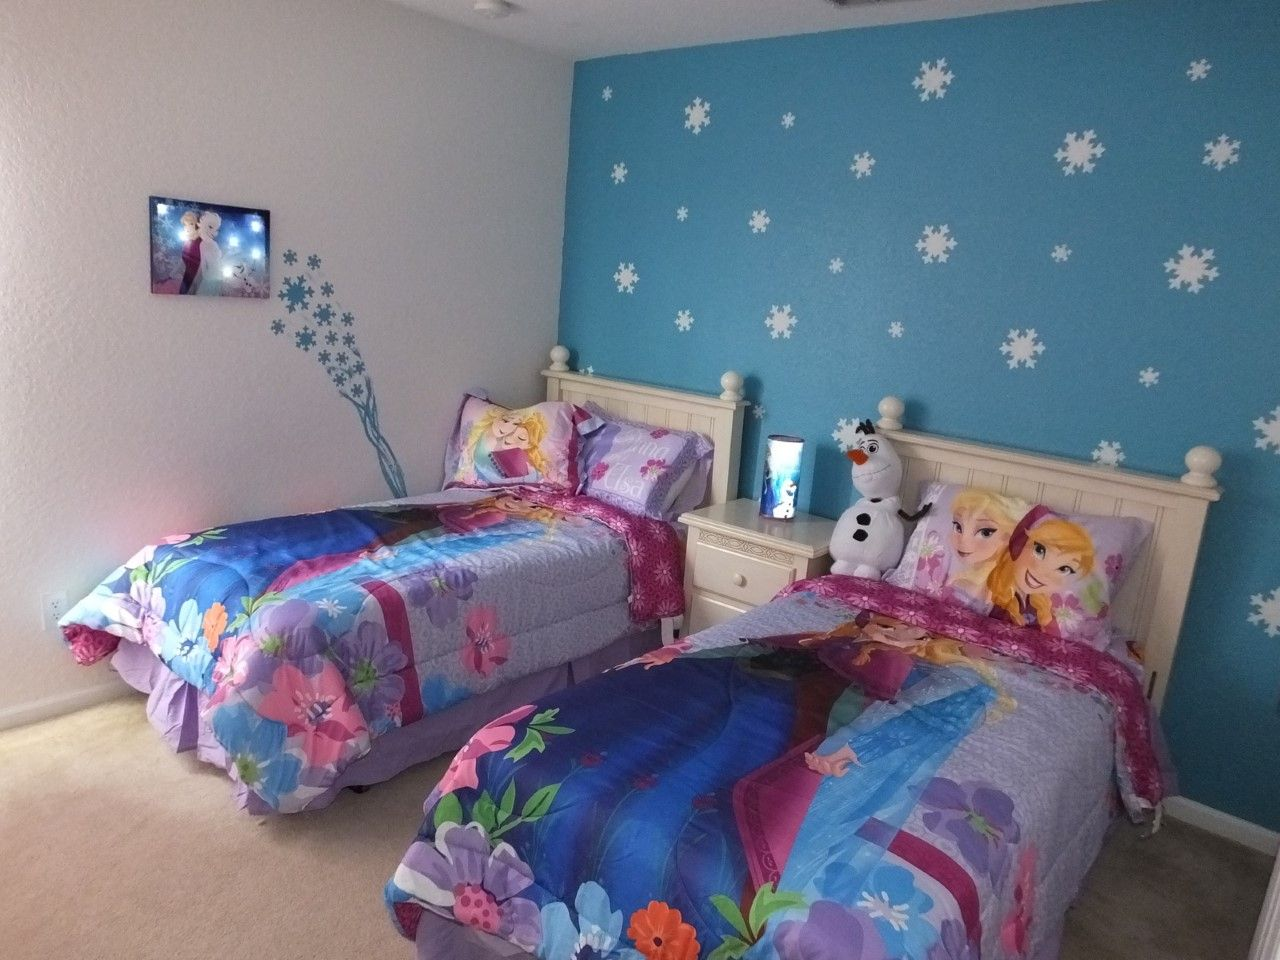 Frozen Bedroom Accent Wall